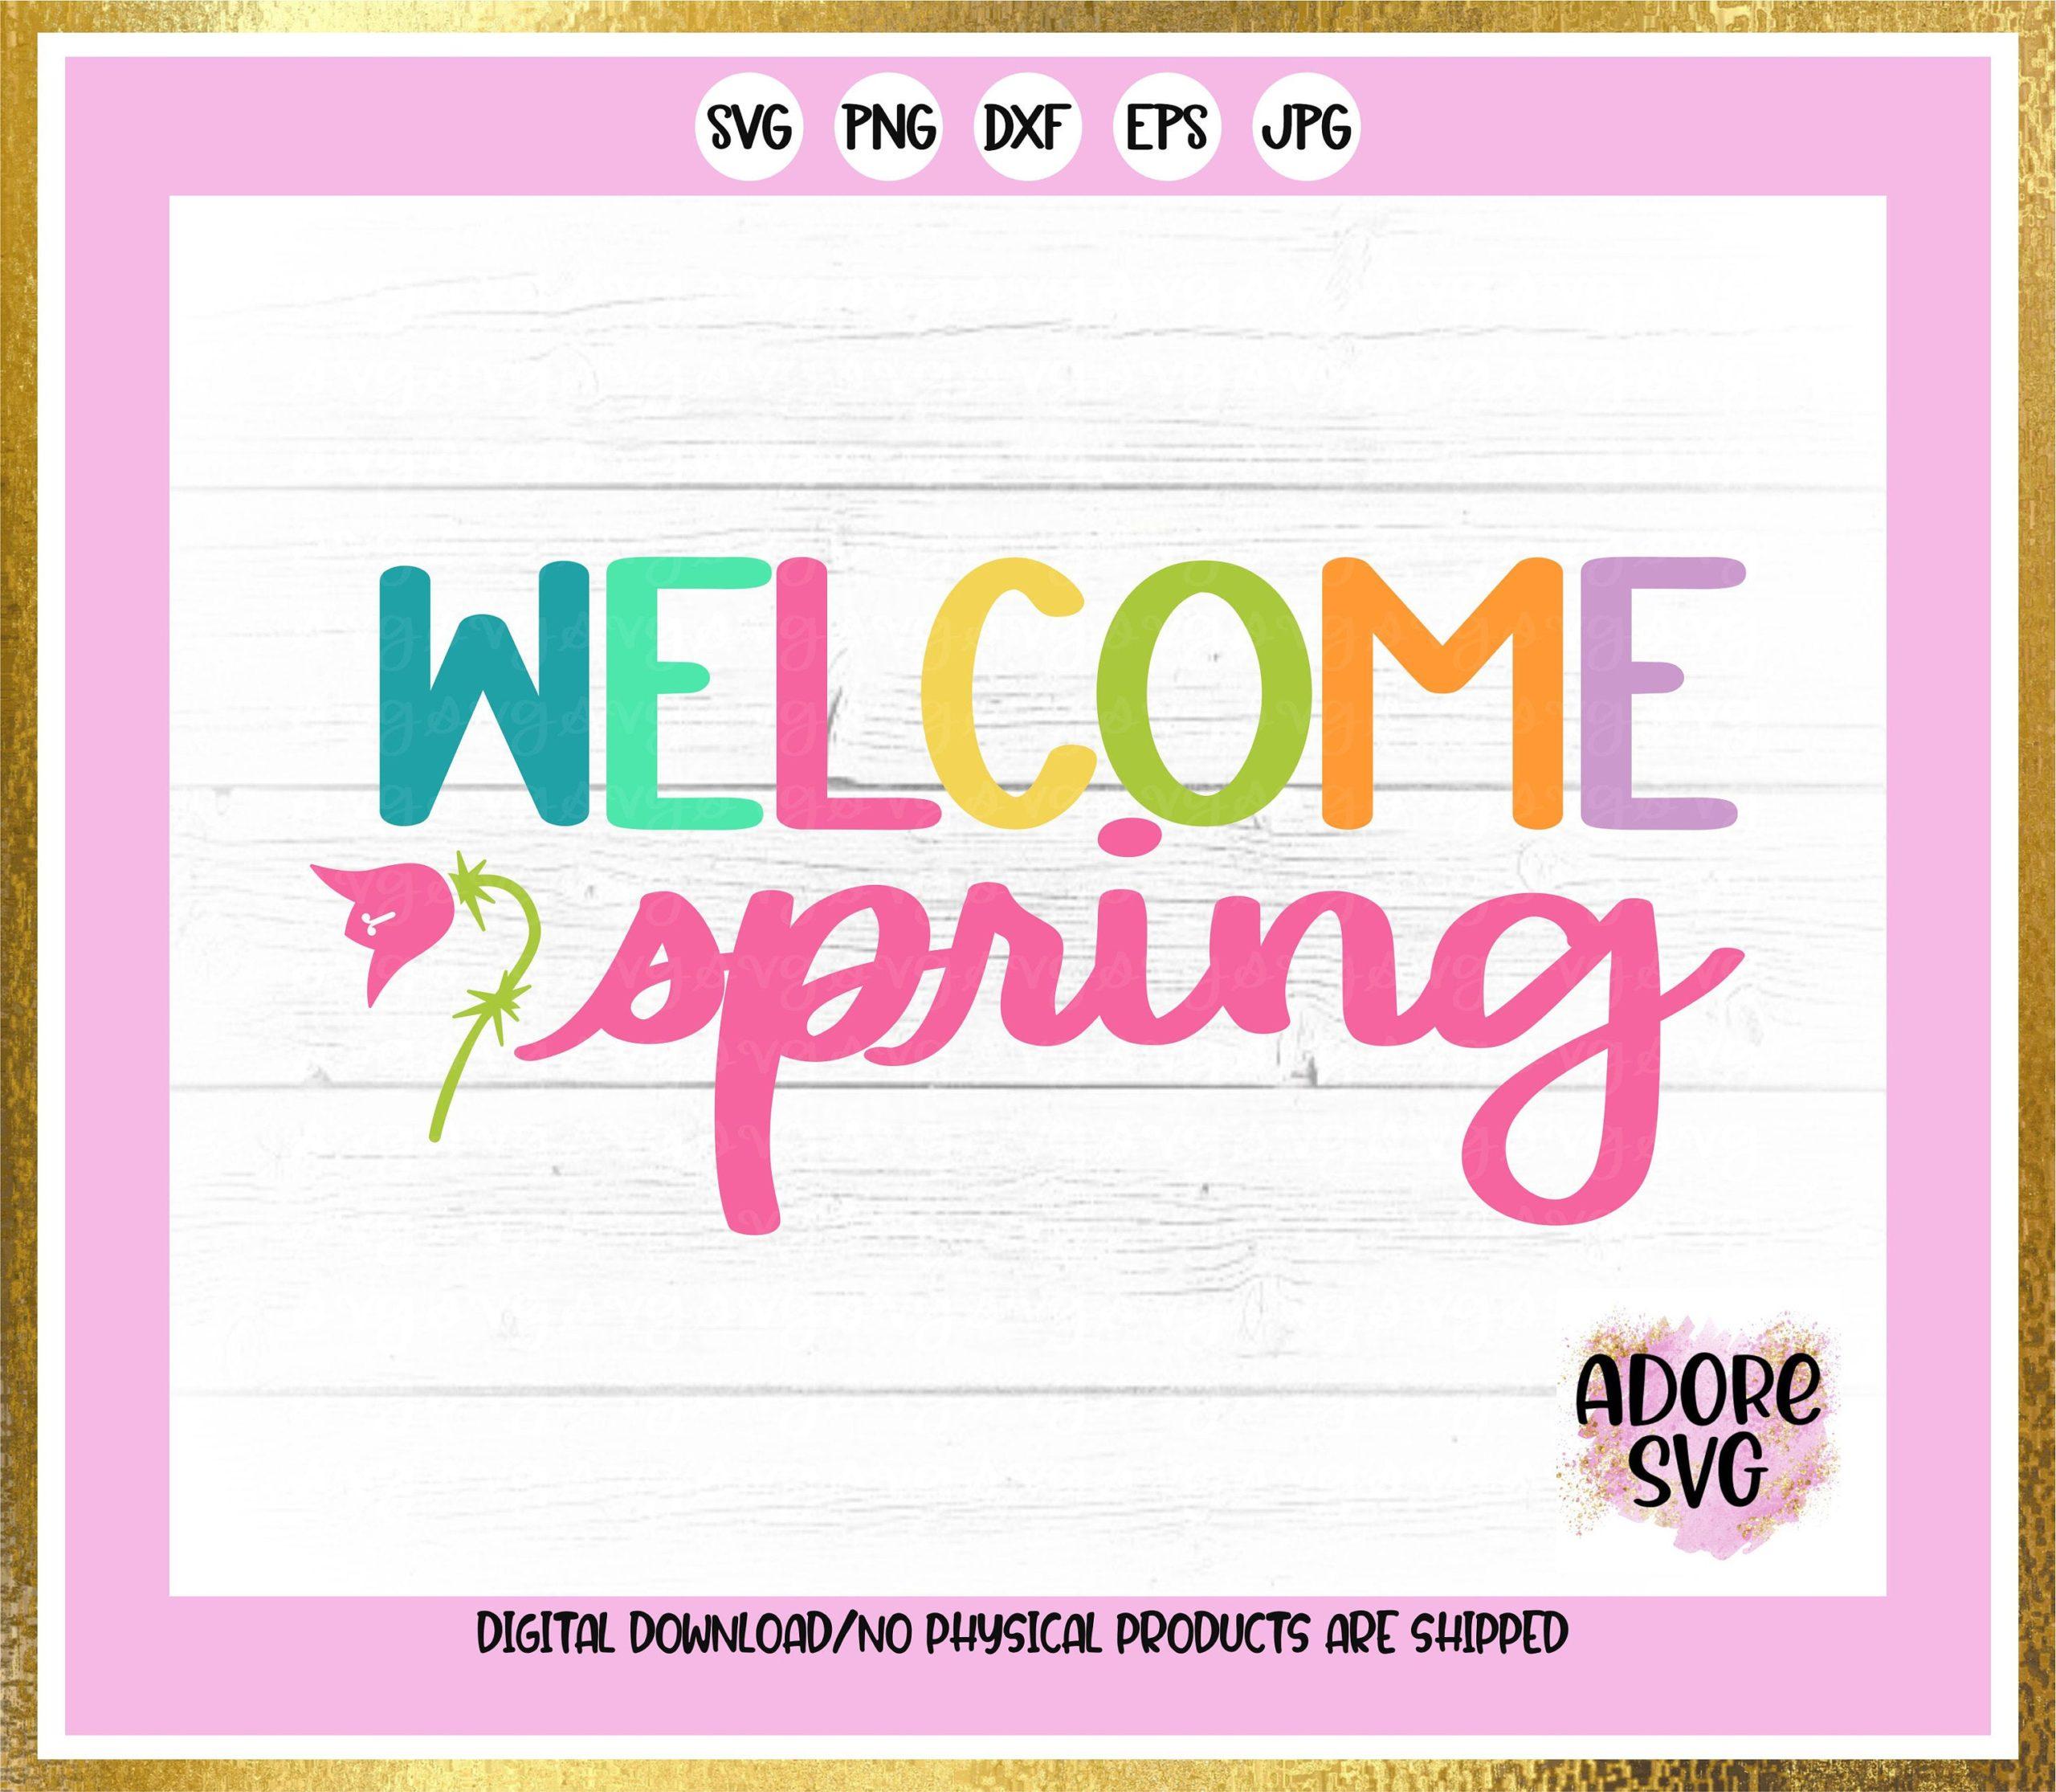 Spring-svg-welcome-spring-svg-spring-svgs-springtime-svg-flowers-svg-spring-svg-design-spring-cut-file-spring-cricut-svg-60512861